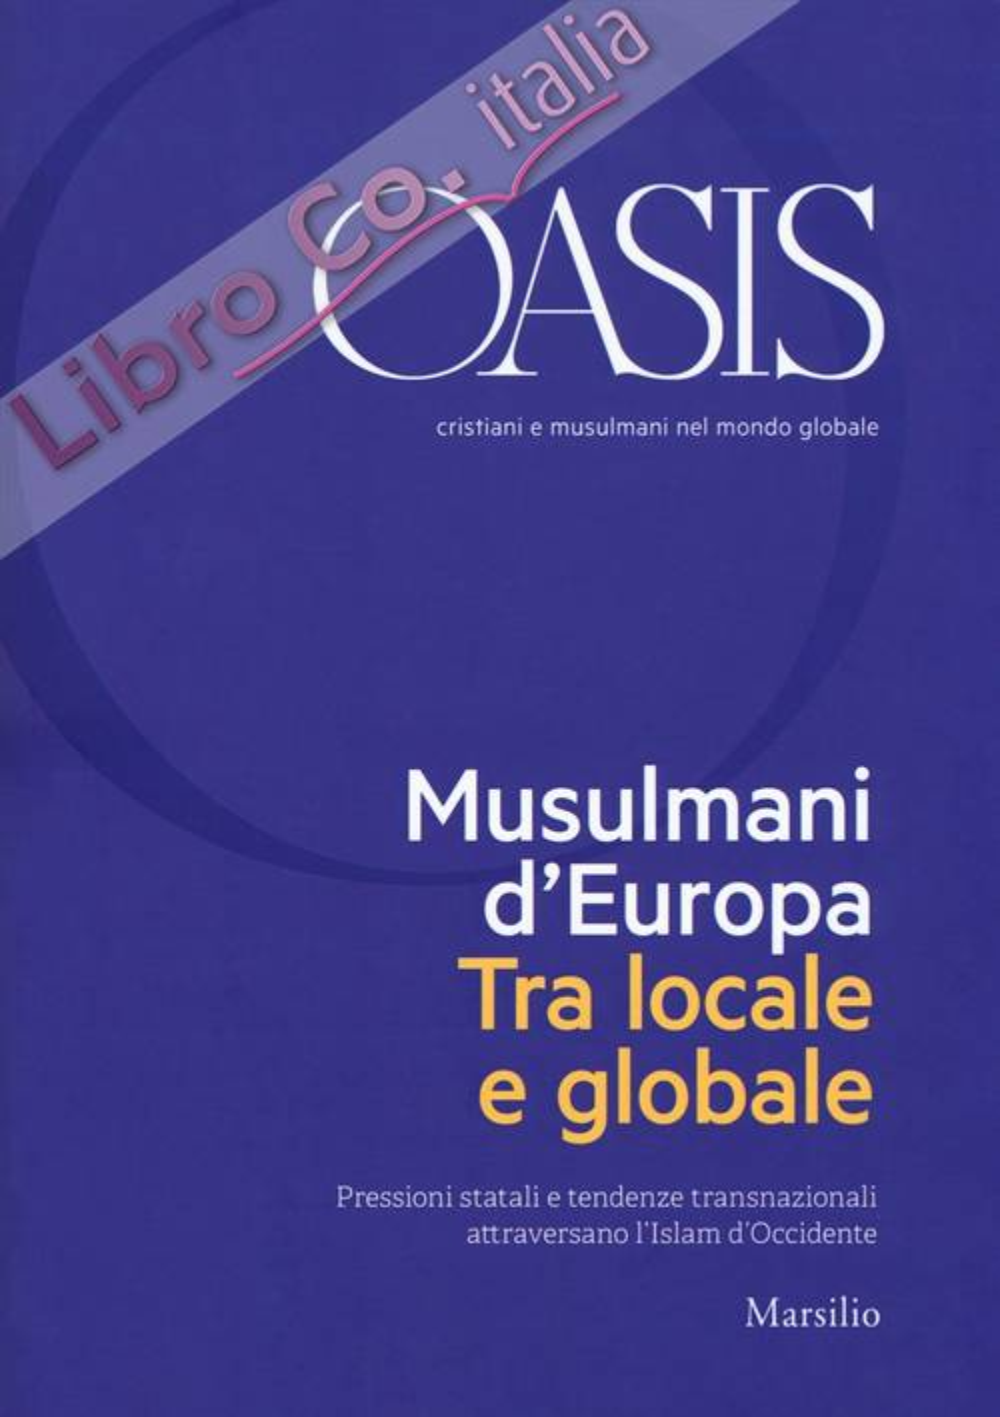 Oasis. Cristiani e musulmani nel mondo globale (2018). Vol. 28: Musulmani d'Europa. Tra locale e globale